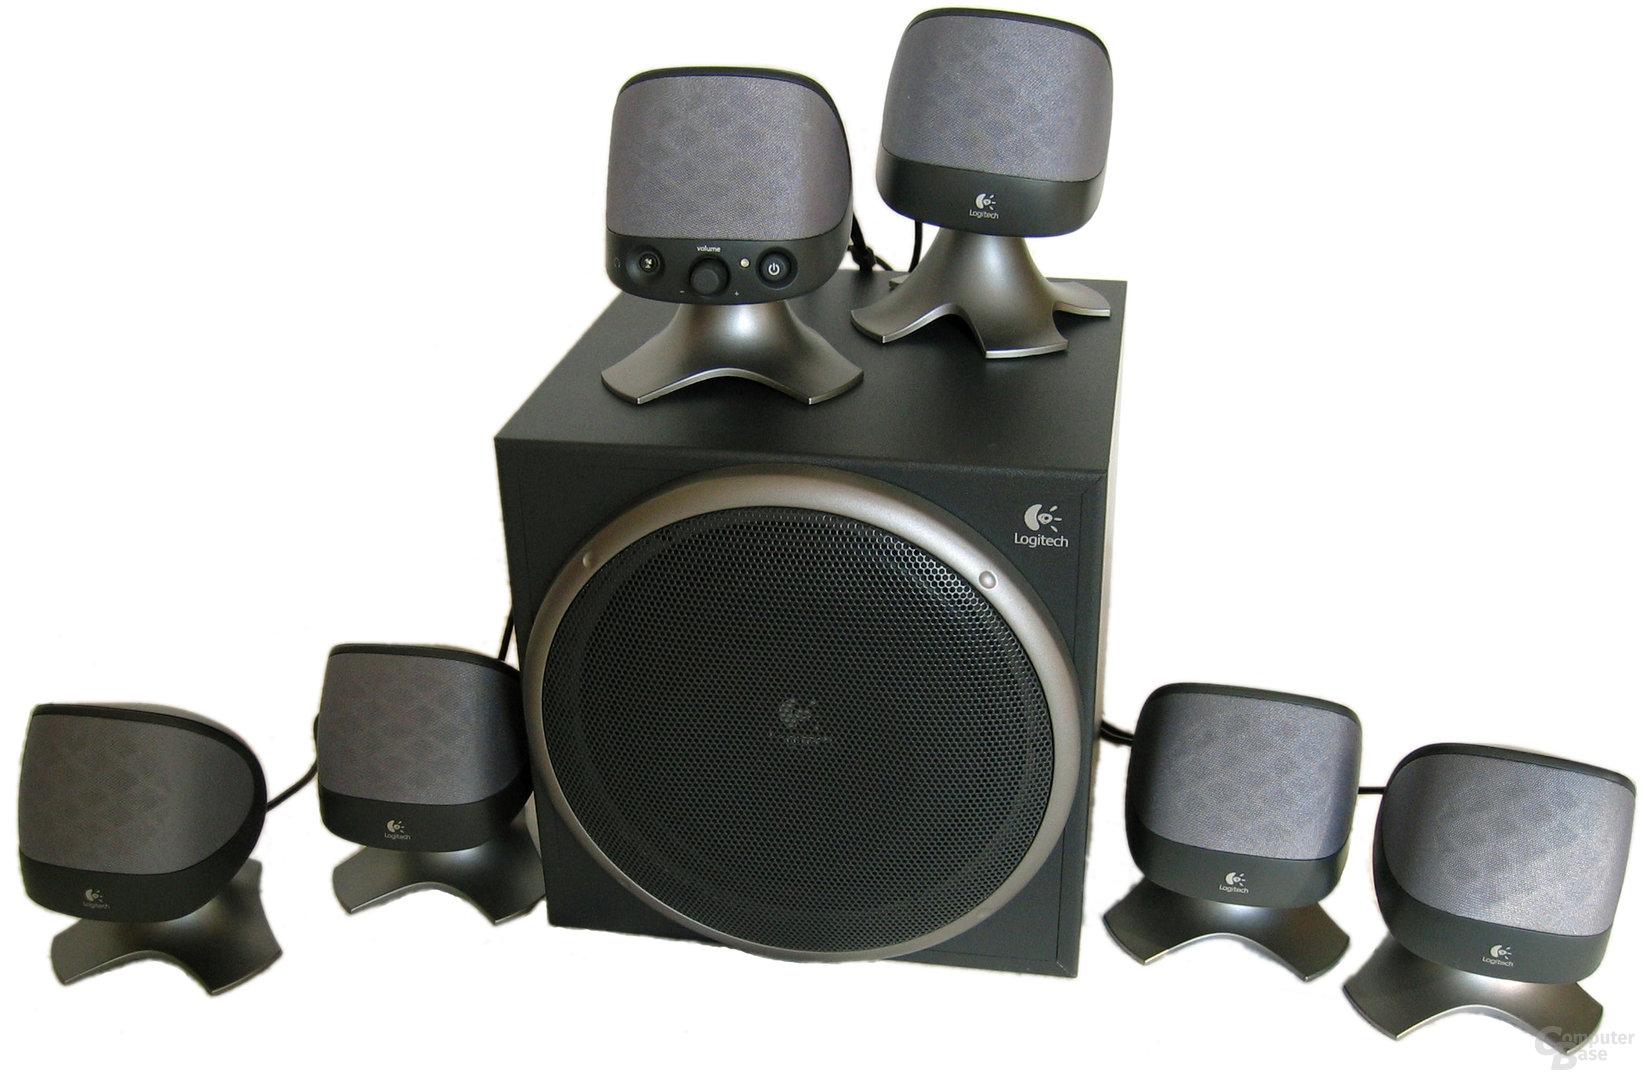 Logitech X-620